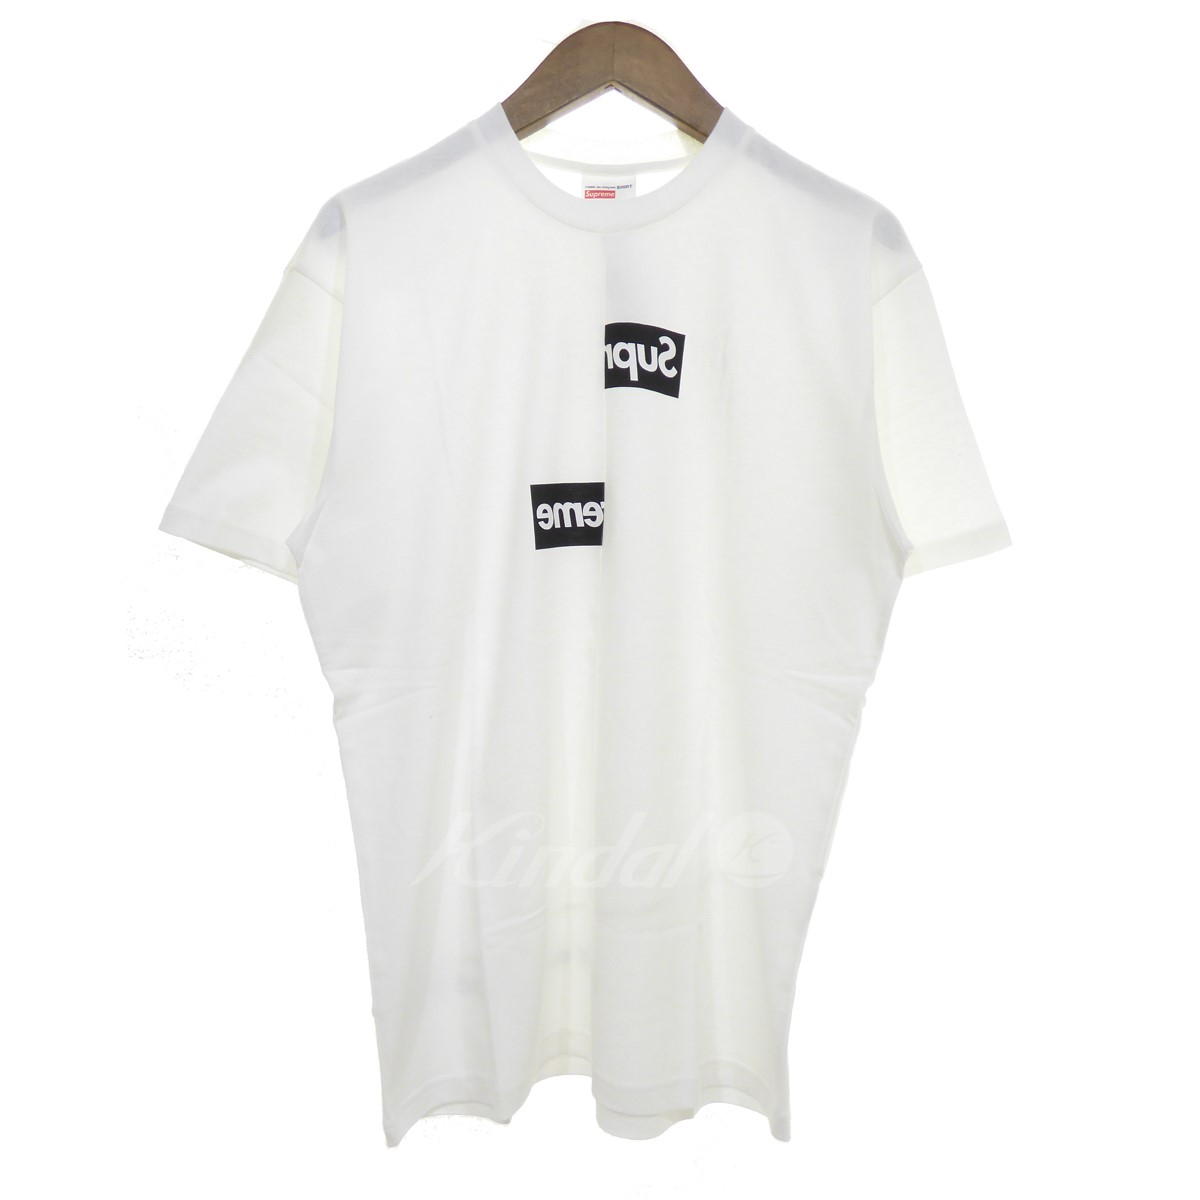 【中古】Supreme × COMME des GARCONS SHIRT 【2018A/W】Split Box Logo Tee スプリットBOXロゴTシャツ ホワイト サイズ:S 【送料無料】 【221018】(シュプリーム×コムデギャルソンシャツ)